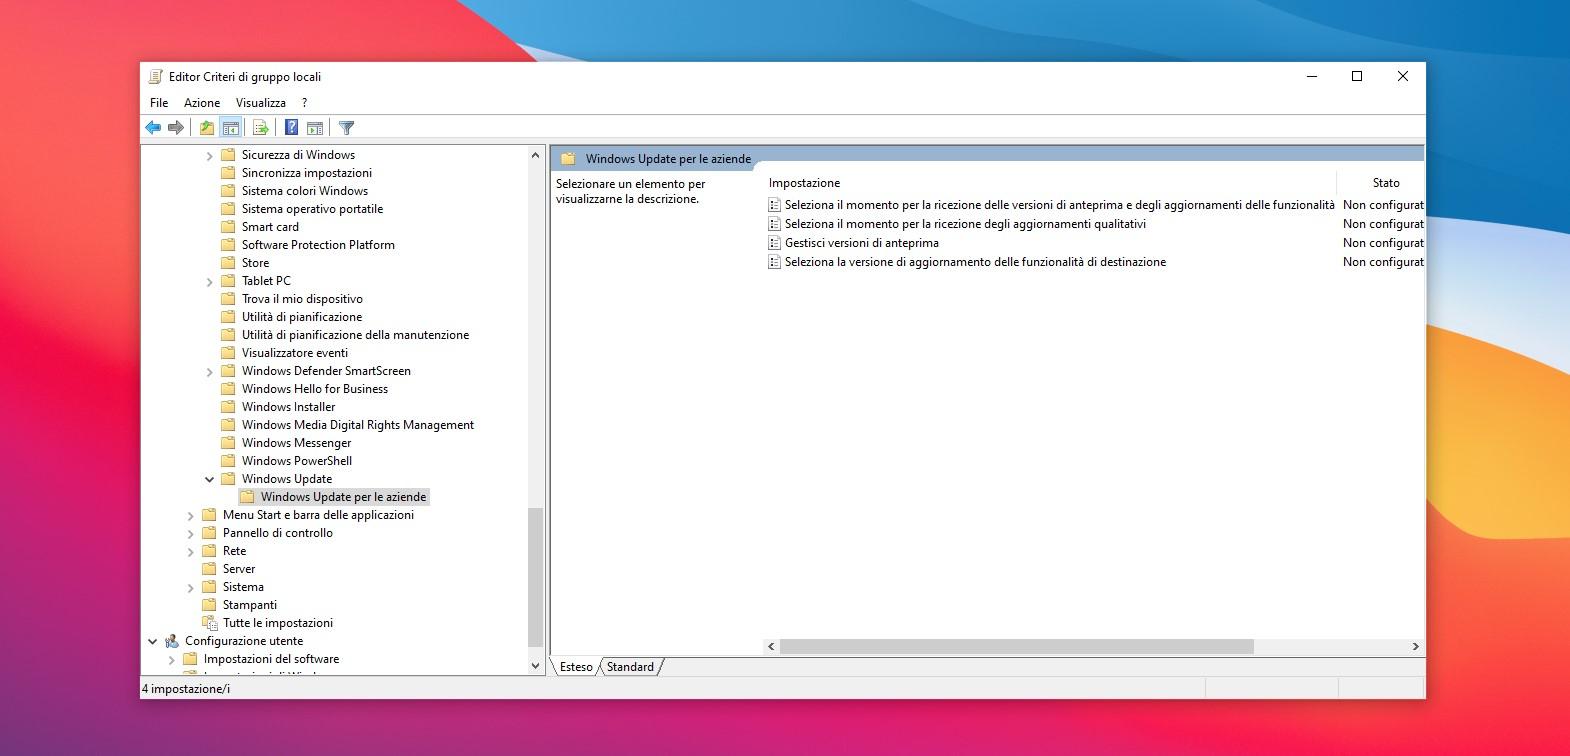 Editor Criteri di gruppo locali impostazioni sospensione aggiornamenti di Windows Update